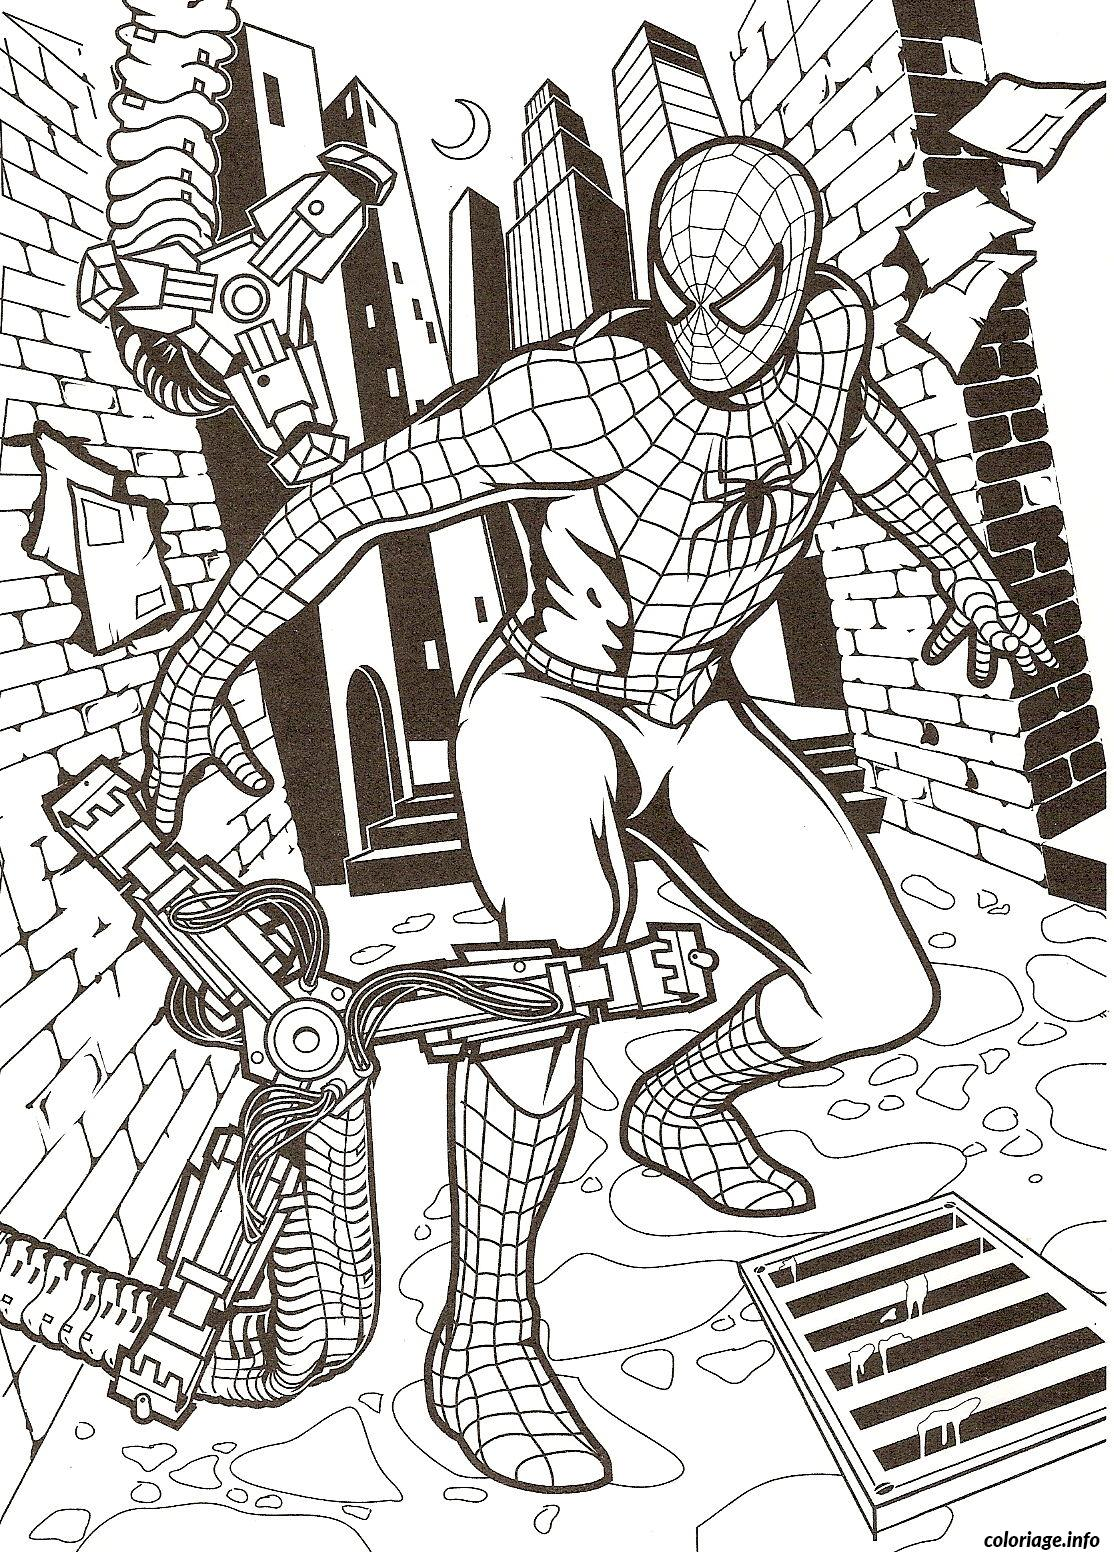 Coloriage Spiderman Se Fait Attaque dessin